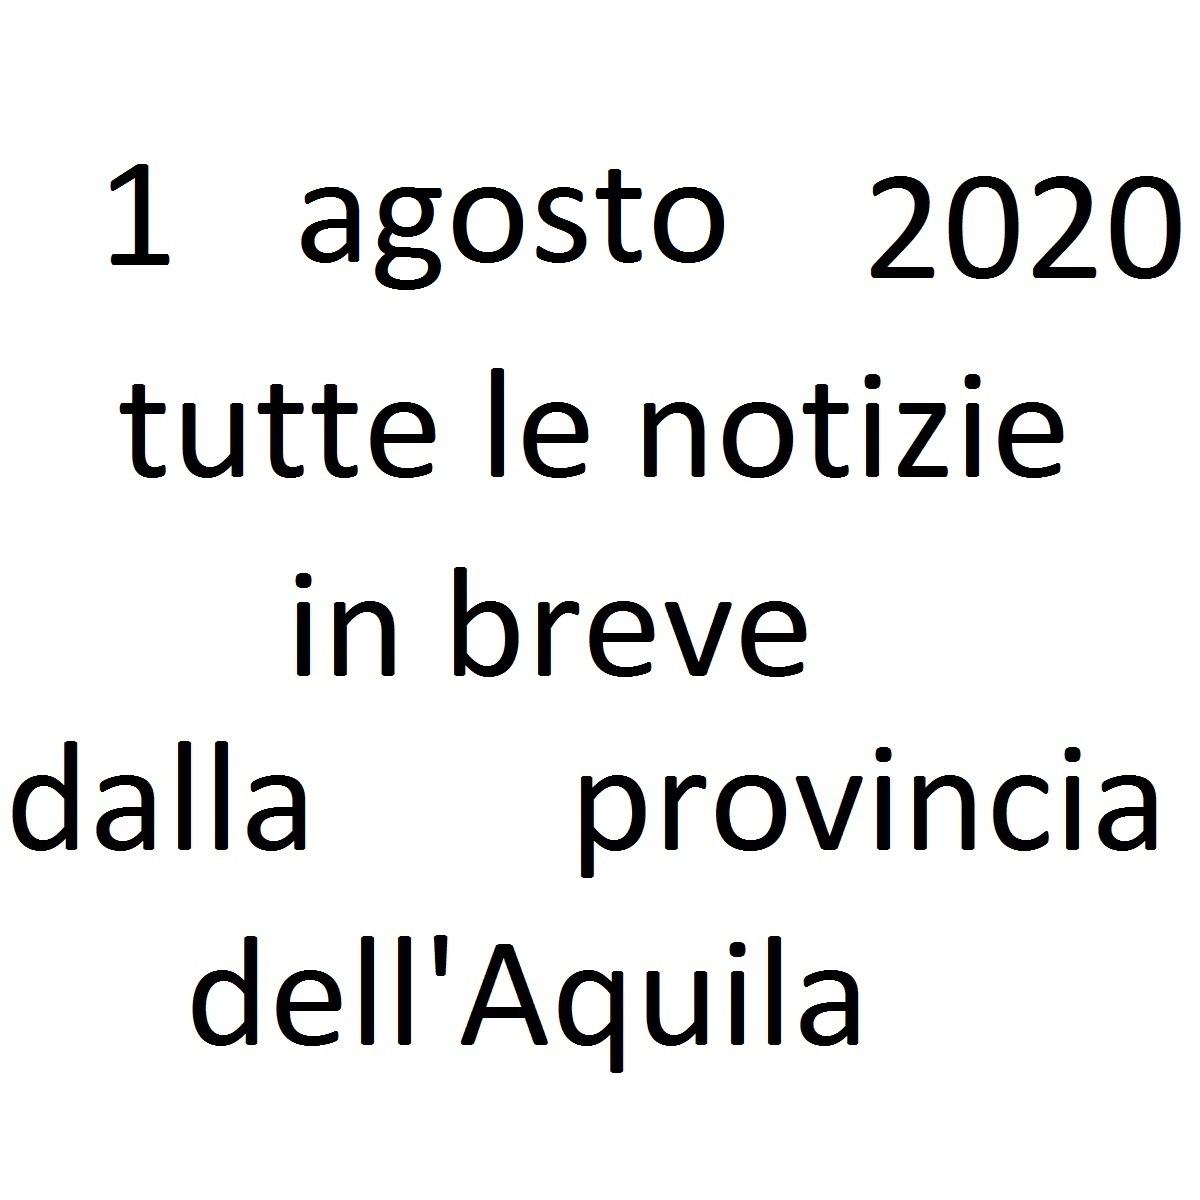 1 agosto 2020 notizie in breve dalla Provincia dell'Aquila foto